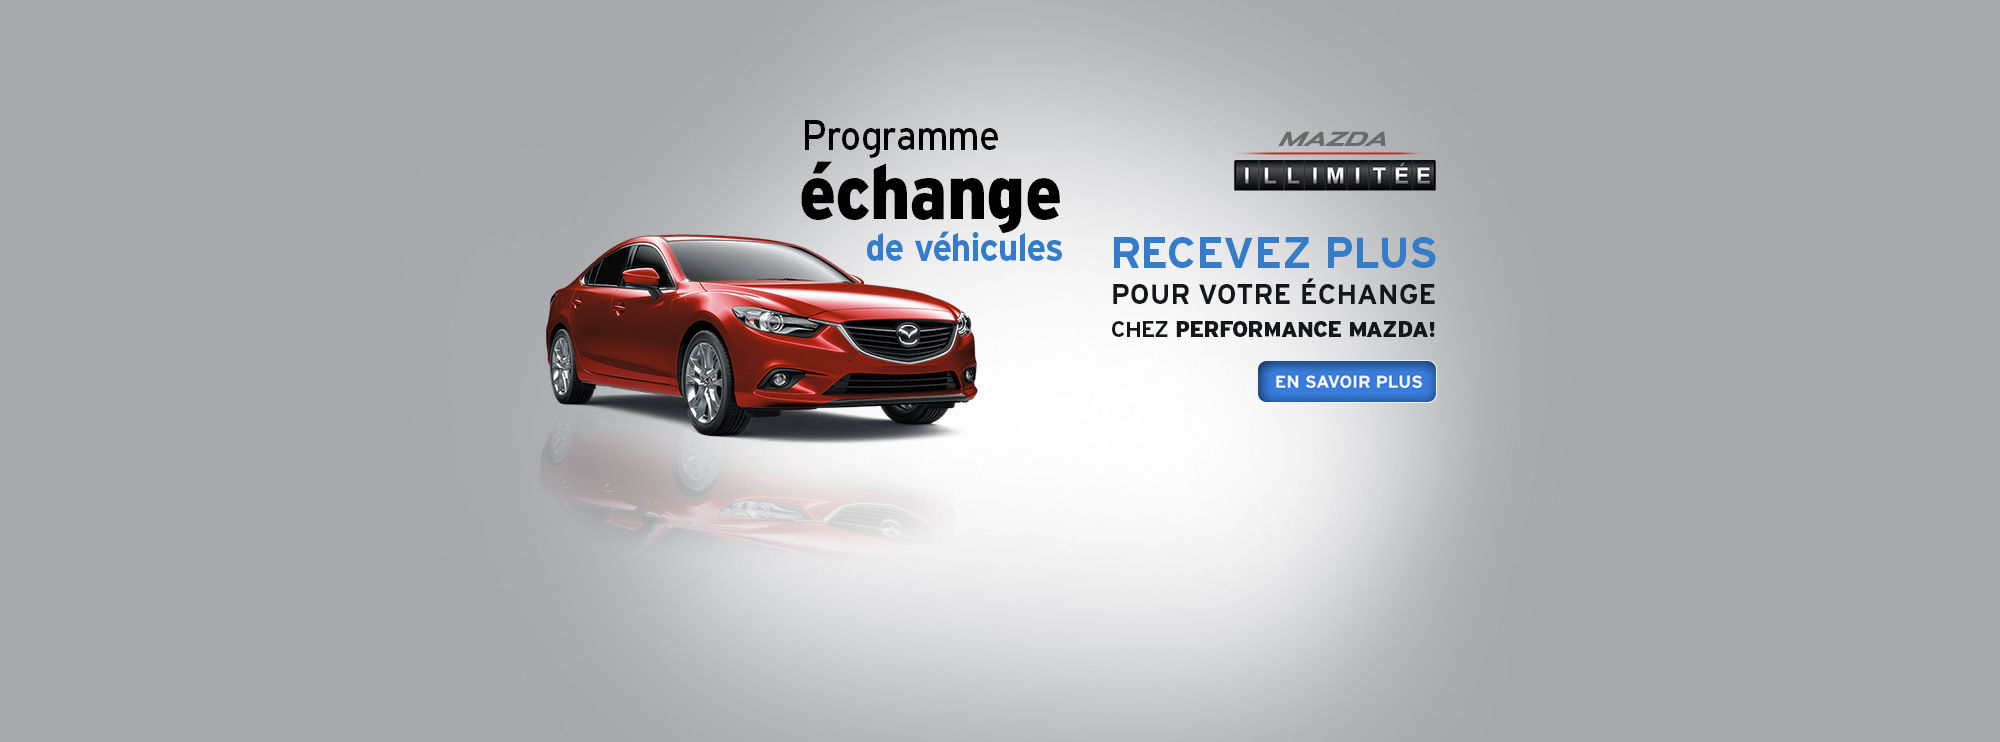 Programme échange de véhicules